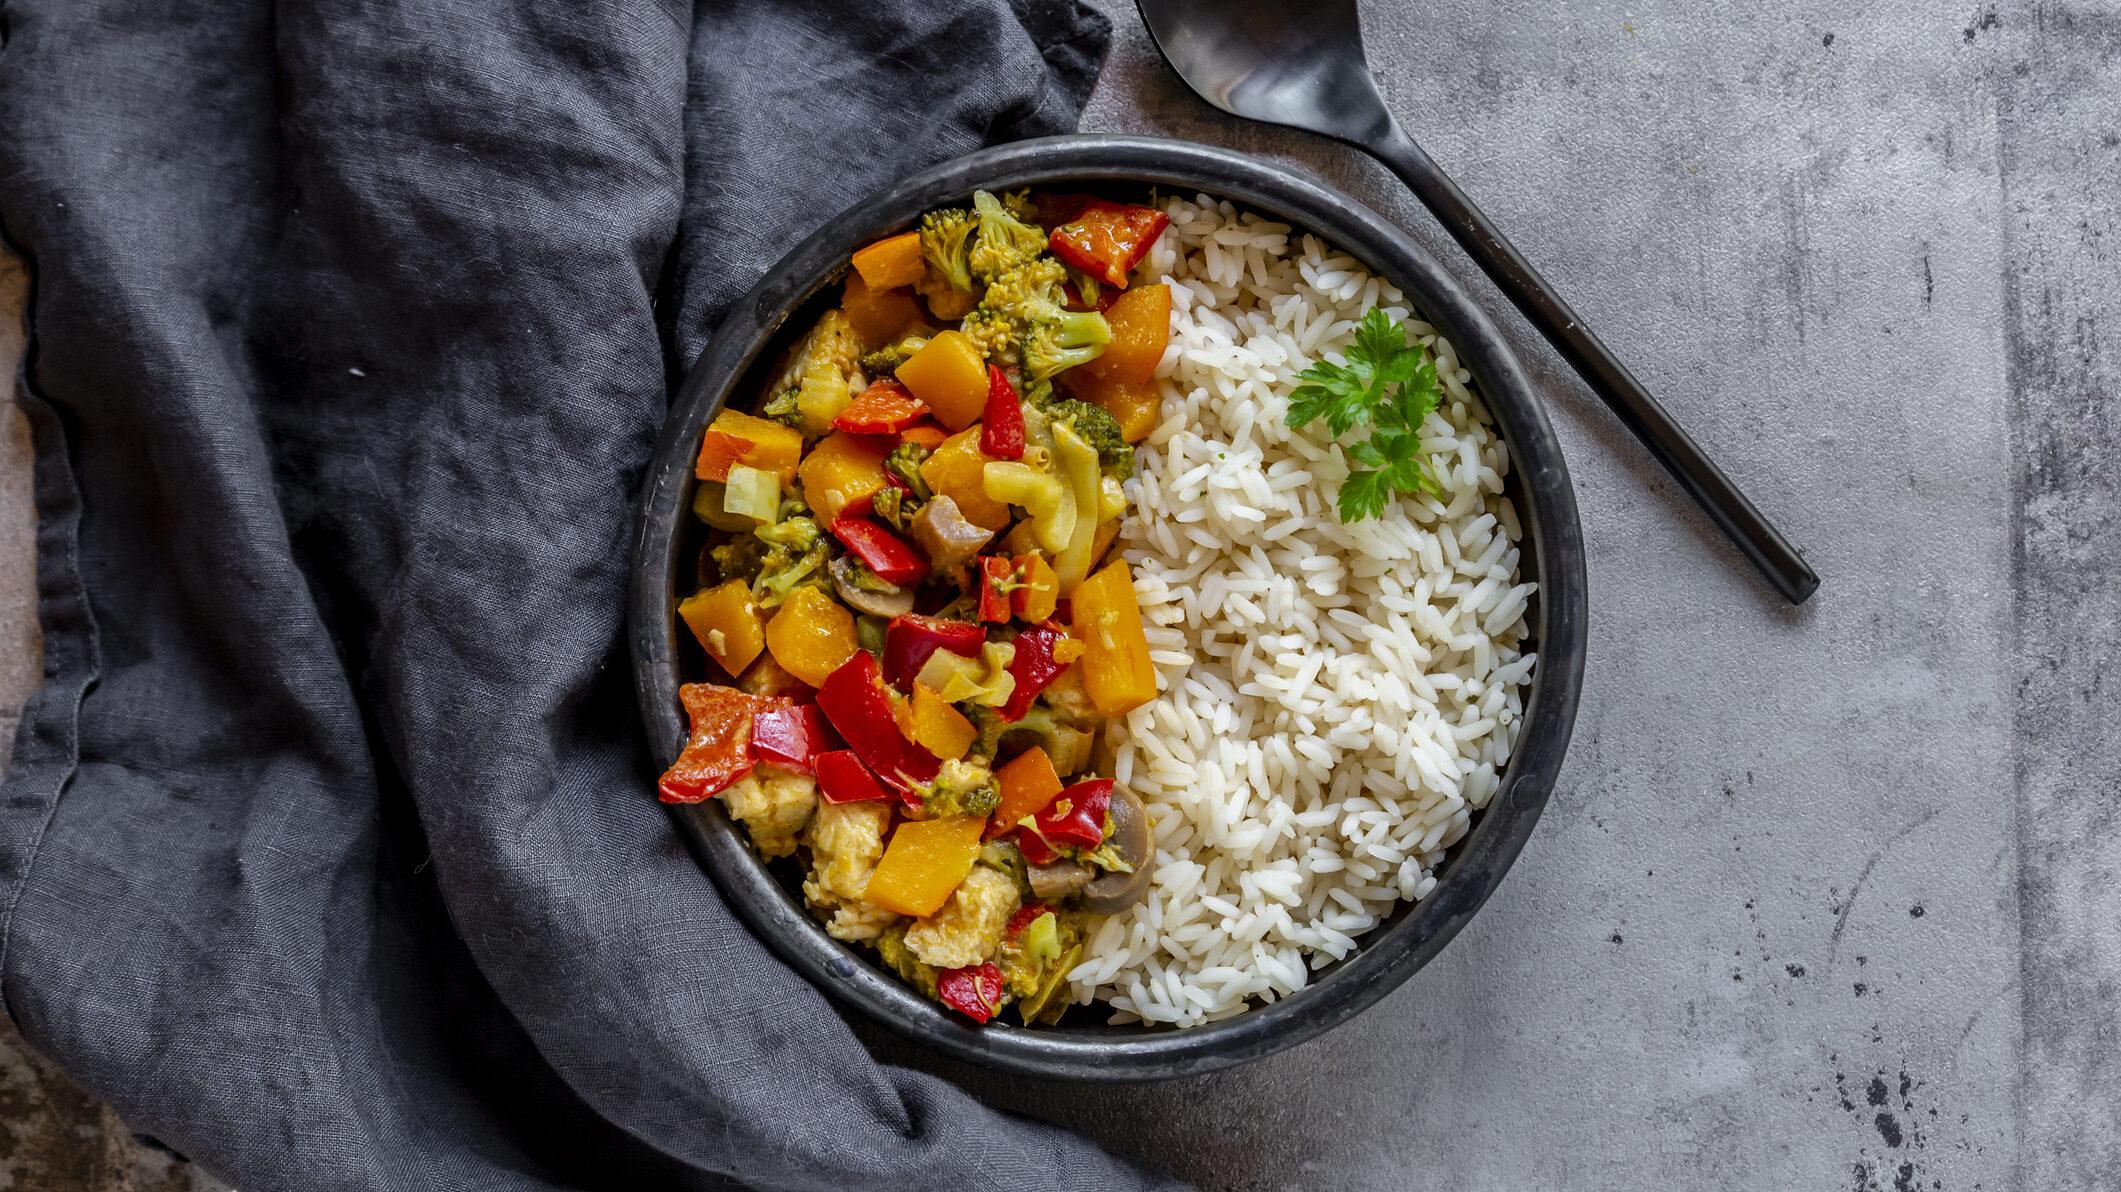 Eine dunkle Schale mit vegetarischem Gemüsecurry und Reis in der Draufsicht, daneben liegen ein schwarzer Löffel und ein graues Geschirrtuch.